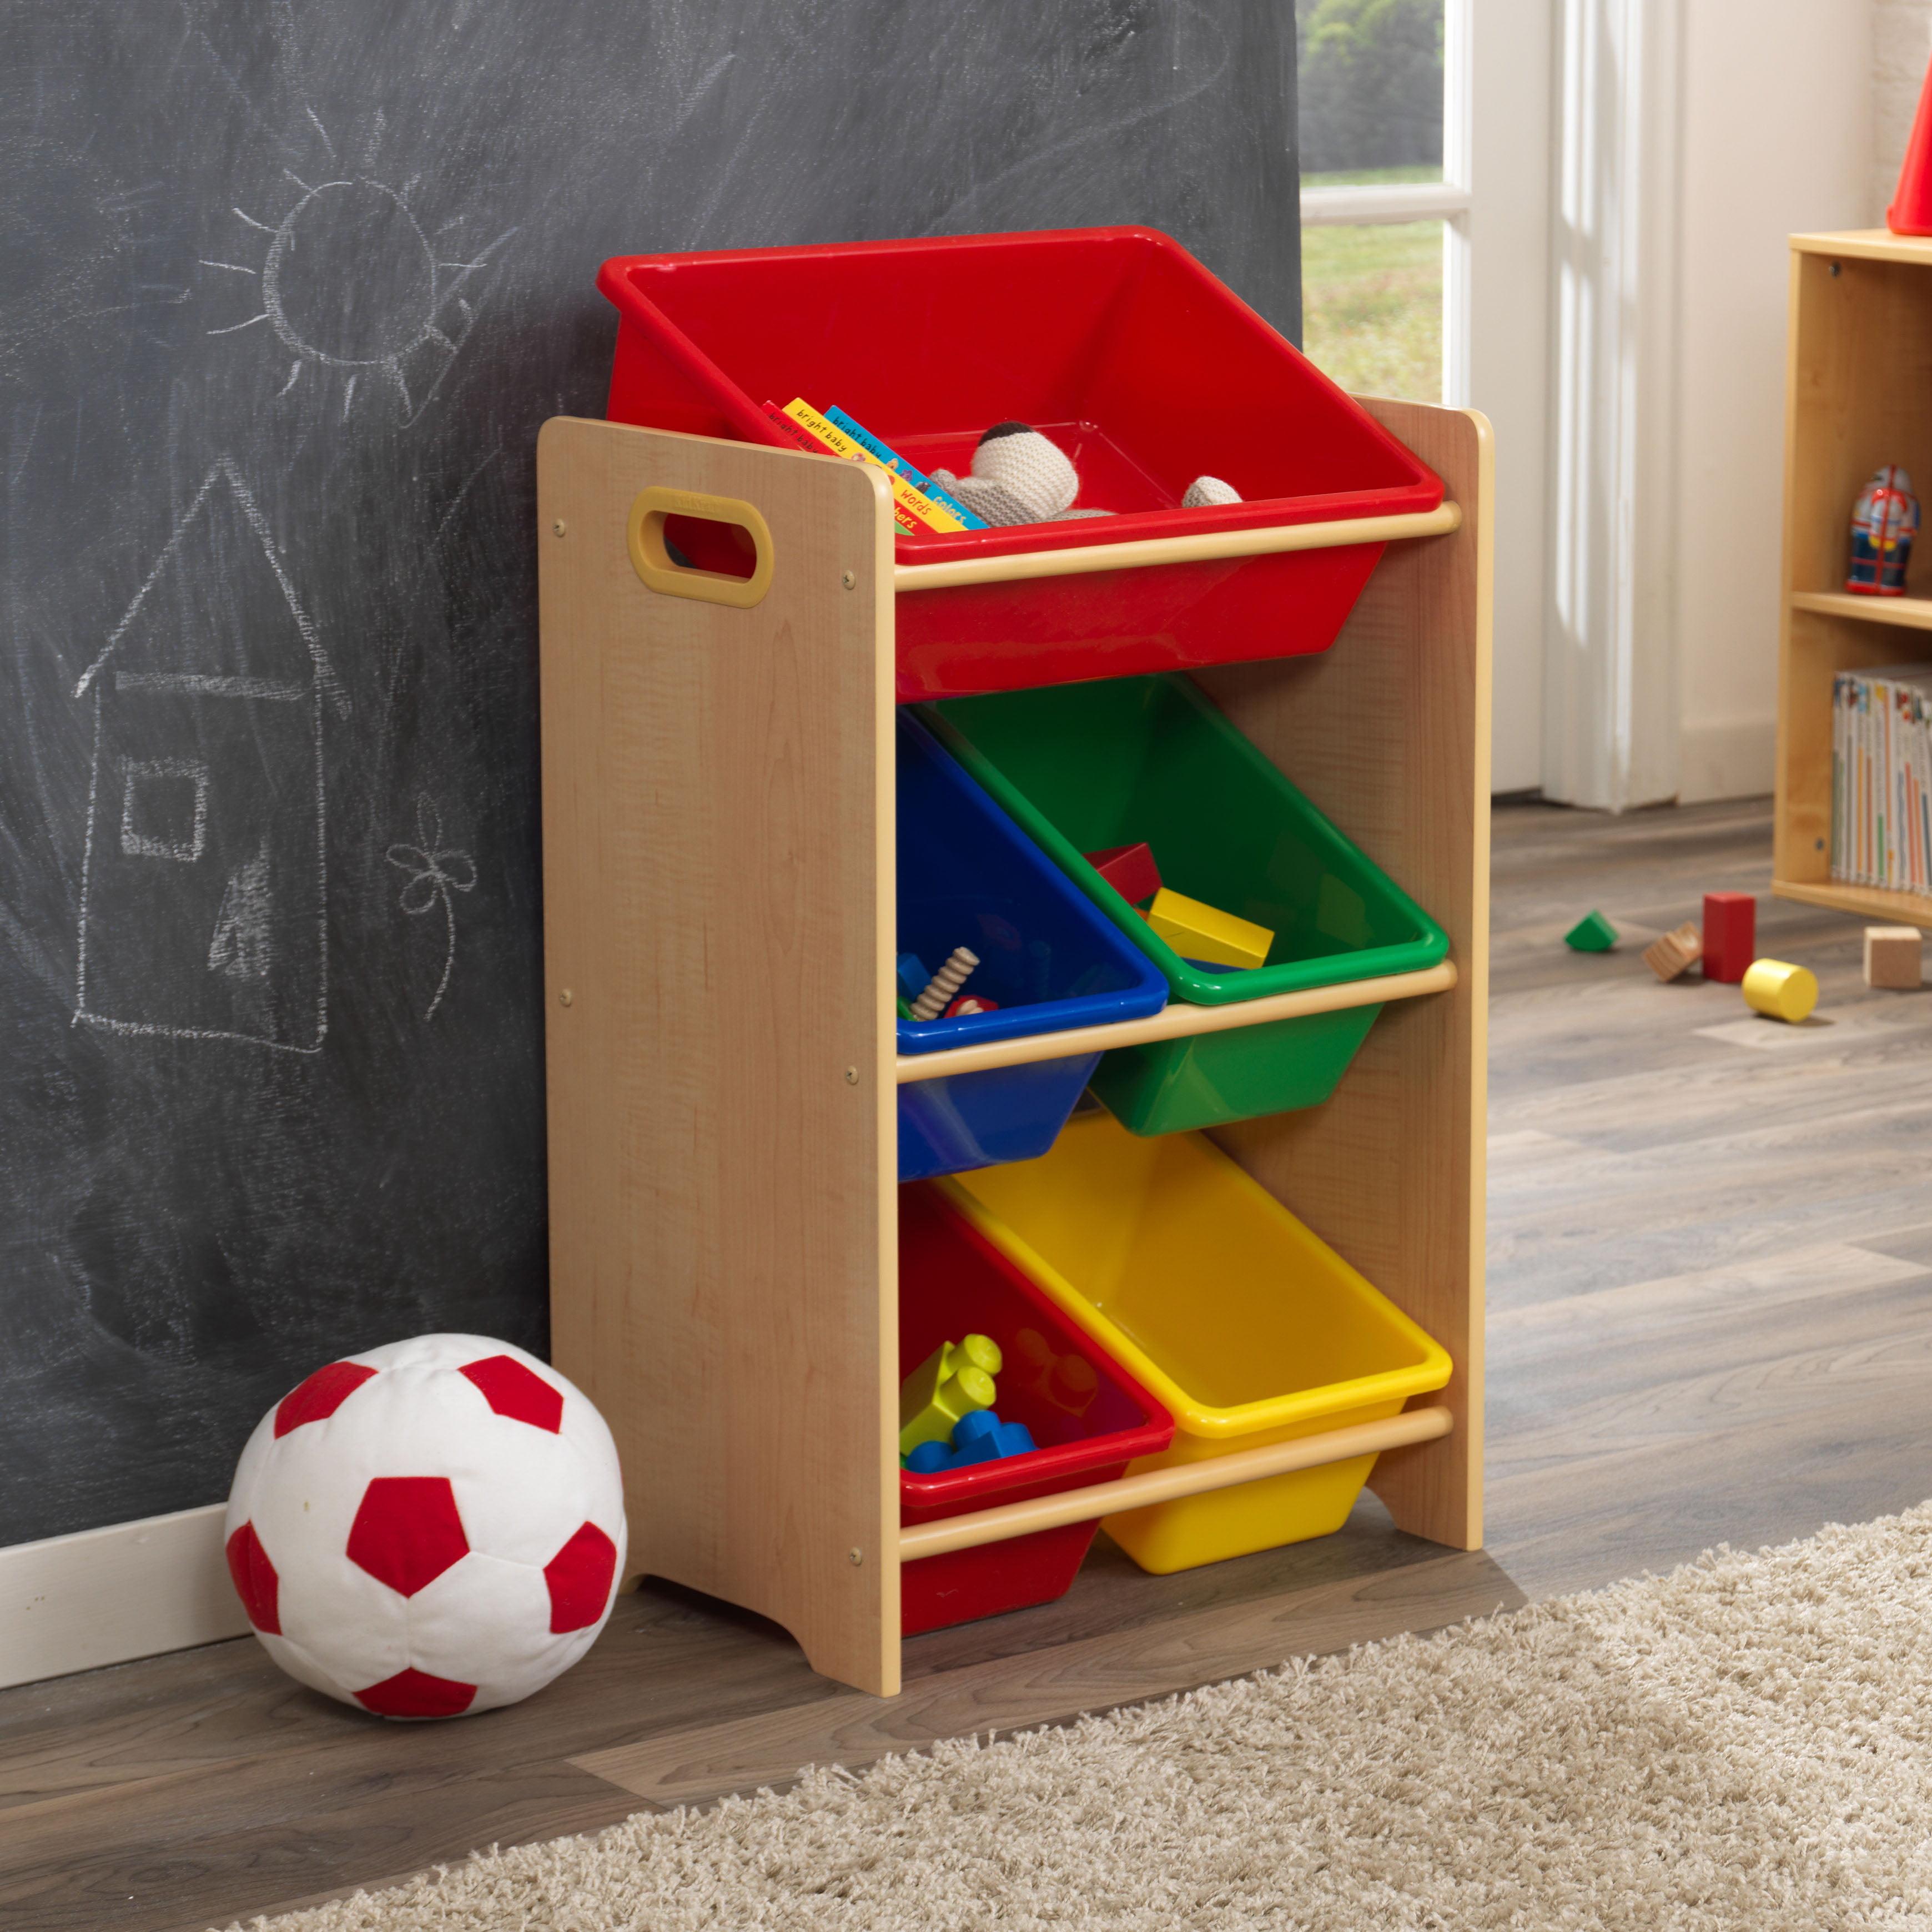 KidKraft Wooden Children\'s Toy Storage Unit with Five Plastic Bins ...